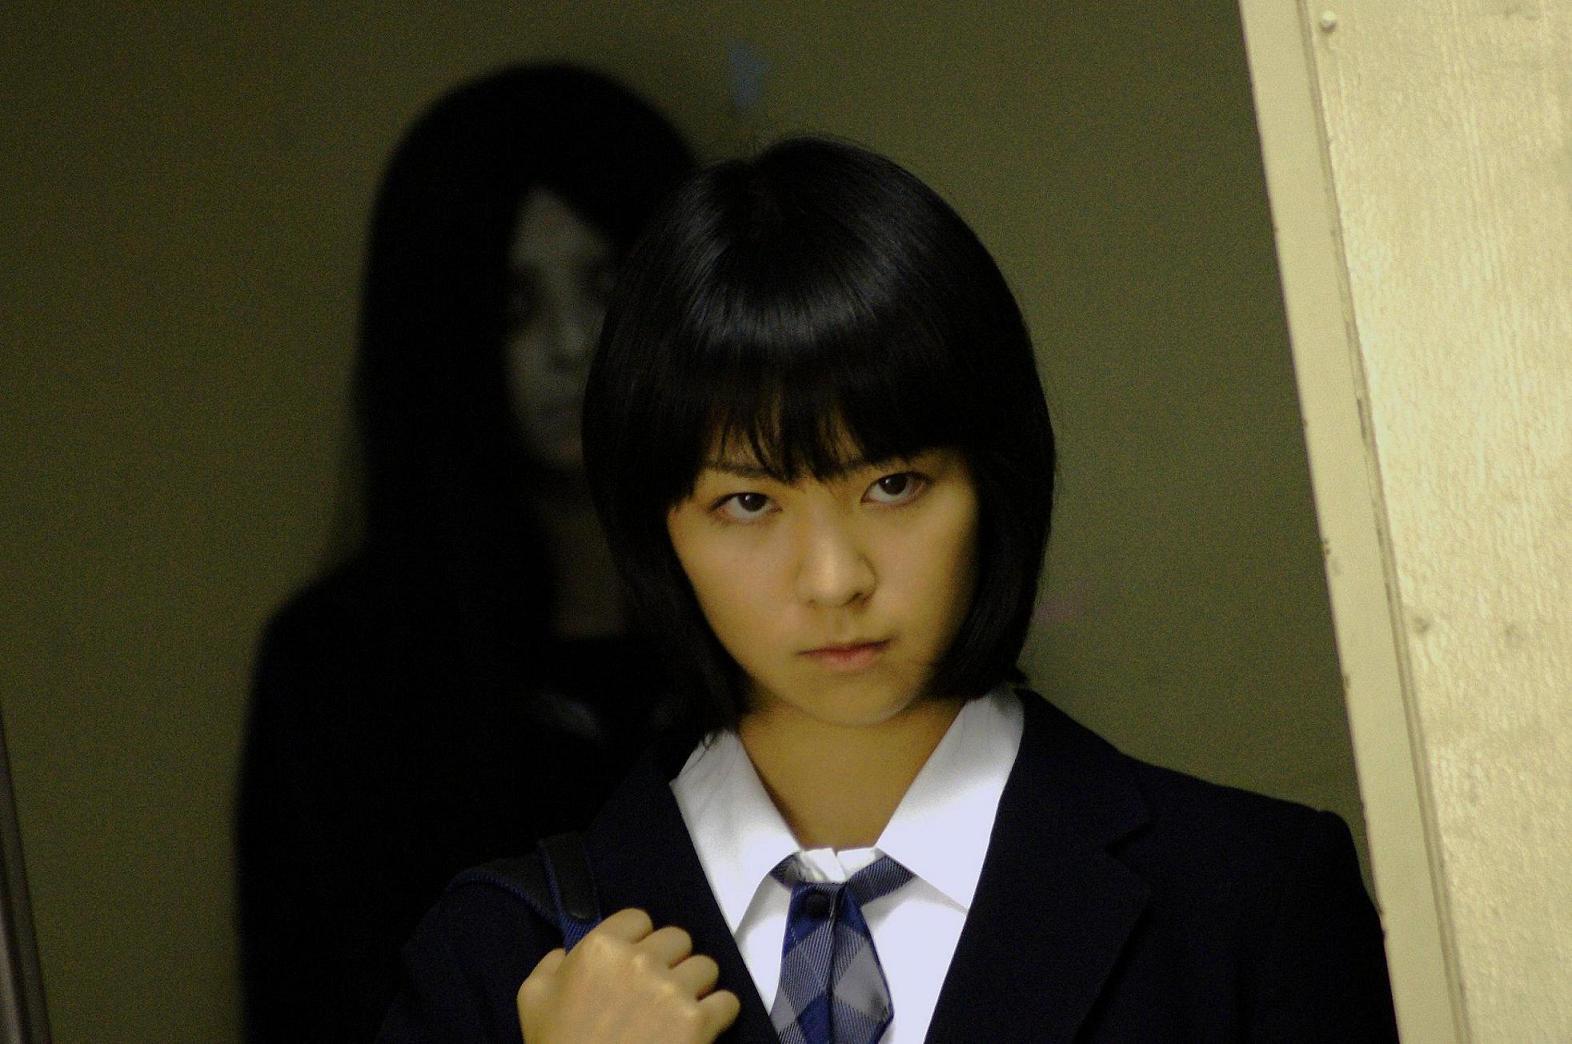 【謎の彼女Xの声優】吉谷彩子は声優初挑戦の若手女優 →だから林原めぐみにしろと